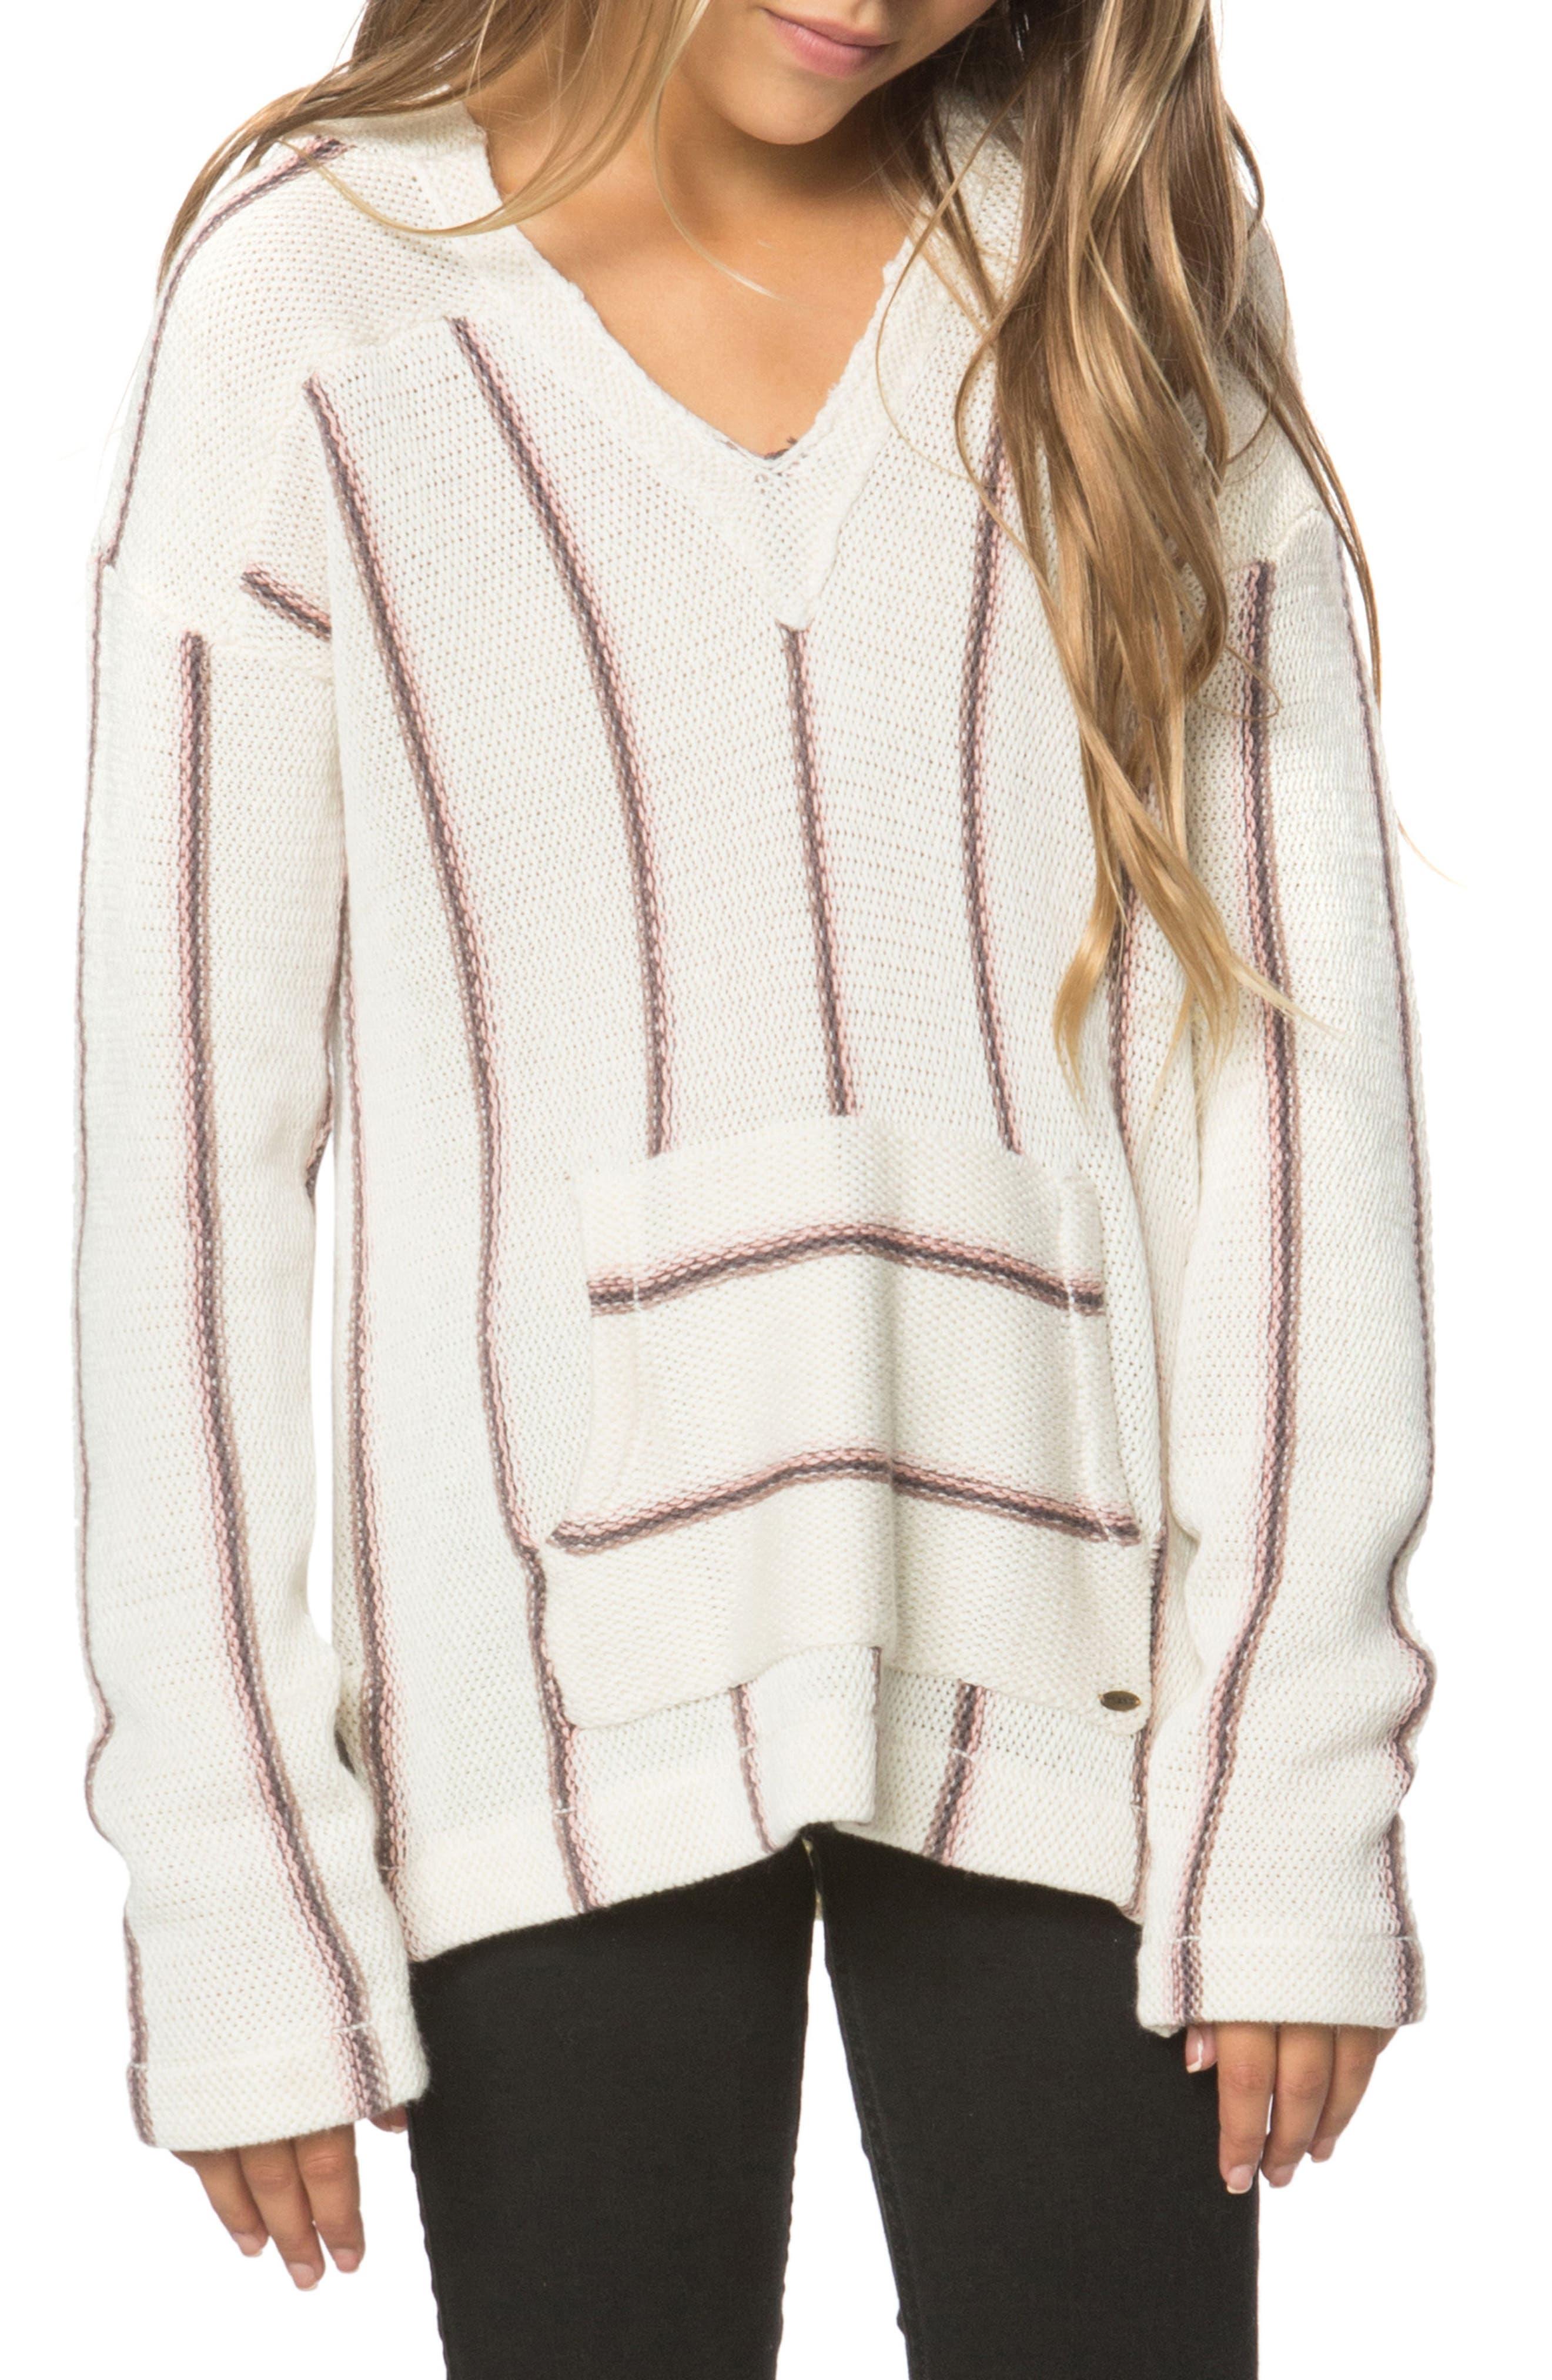 ONEILL Ashlynn Hooded Sweater